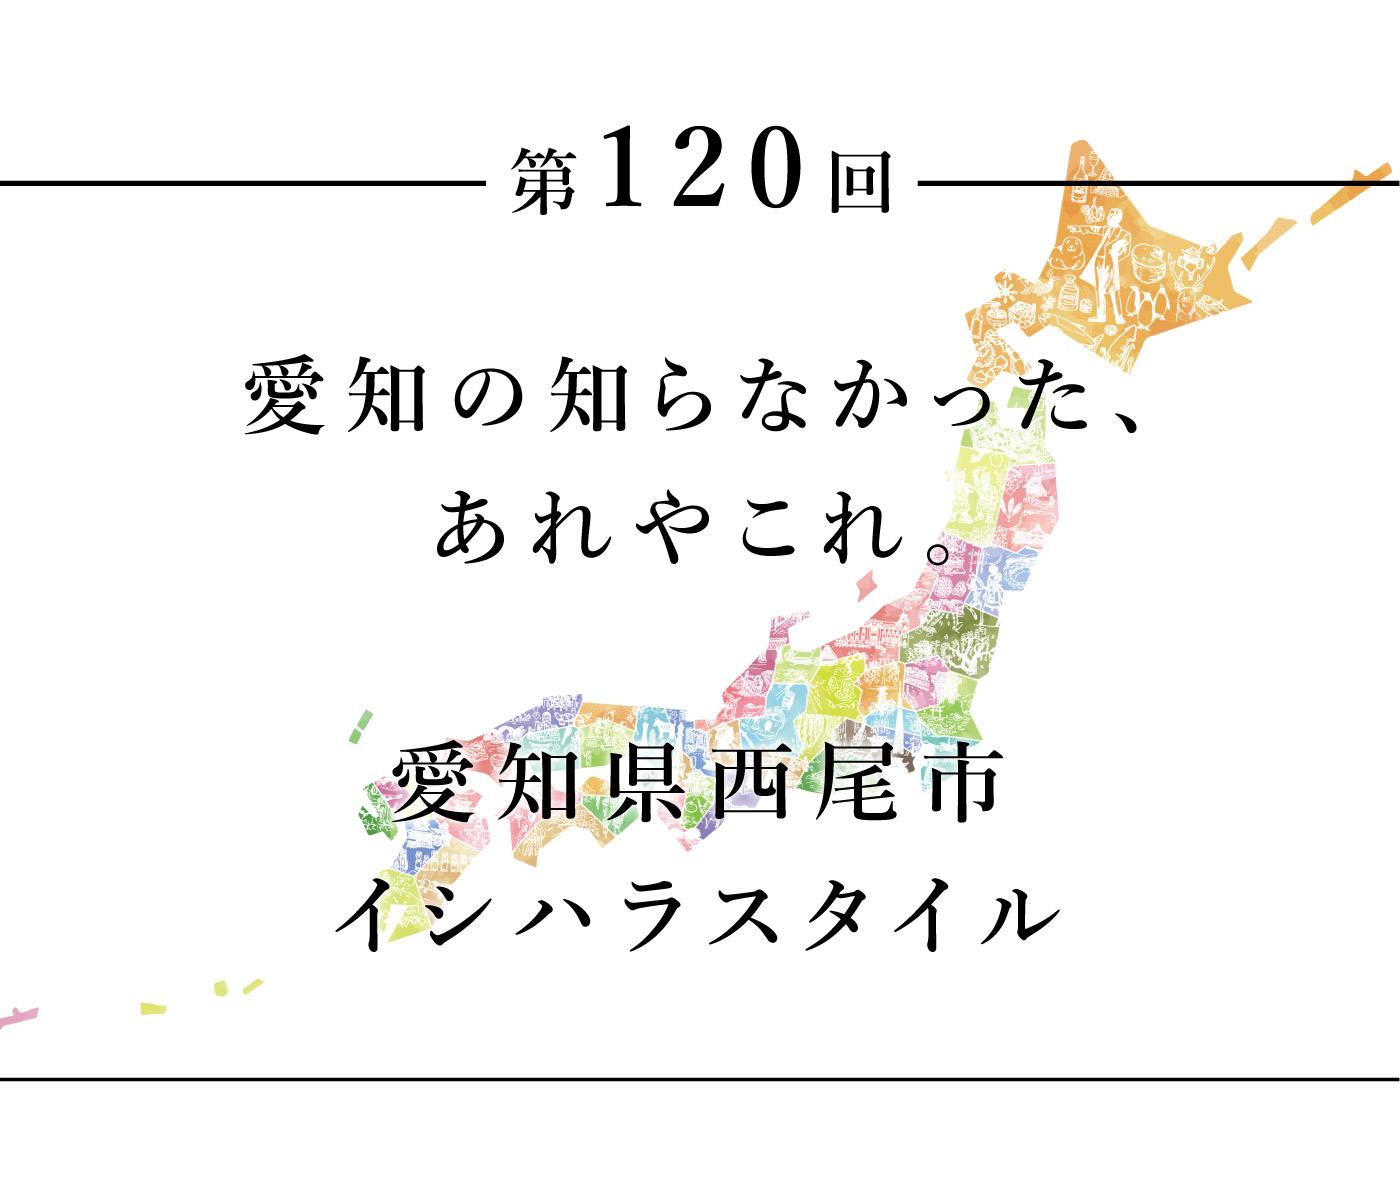 ちいきのたより第120回愛知の知らなかった、あれやこれ。愛知県西尾市イシハラスタイル